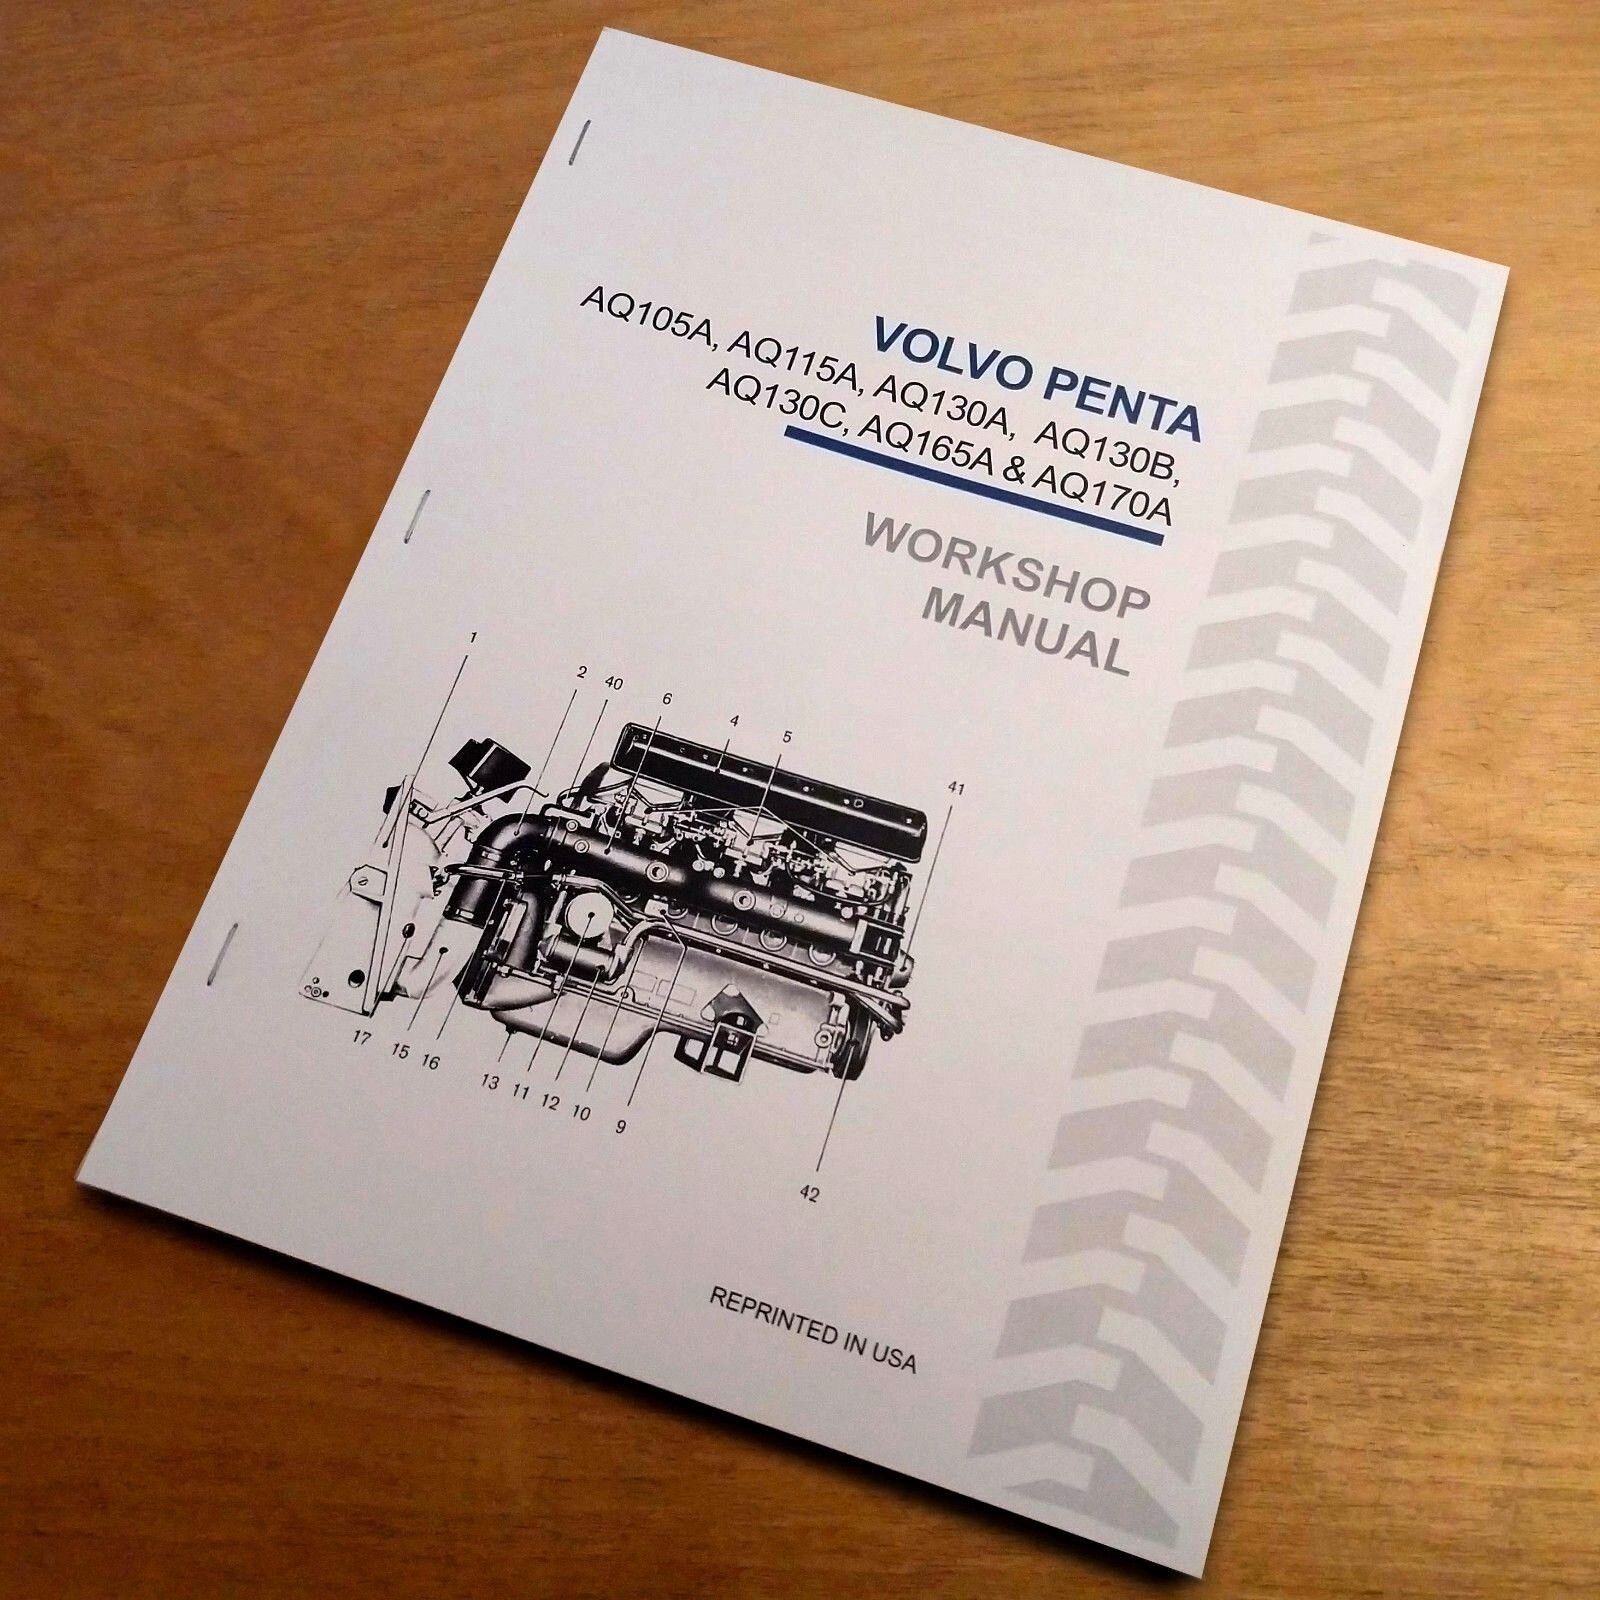 Volvo Penta AQ105A AQ115A AQ130A AQ130B AQ130C AQ165A AQ170A Service Shop Manual